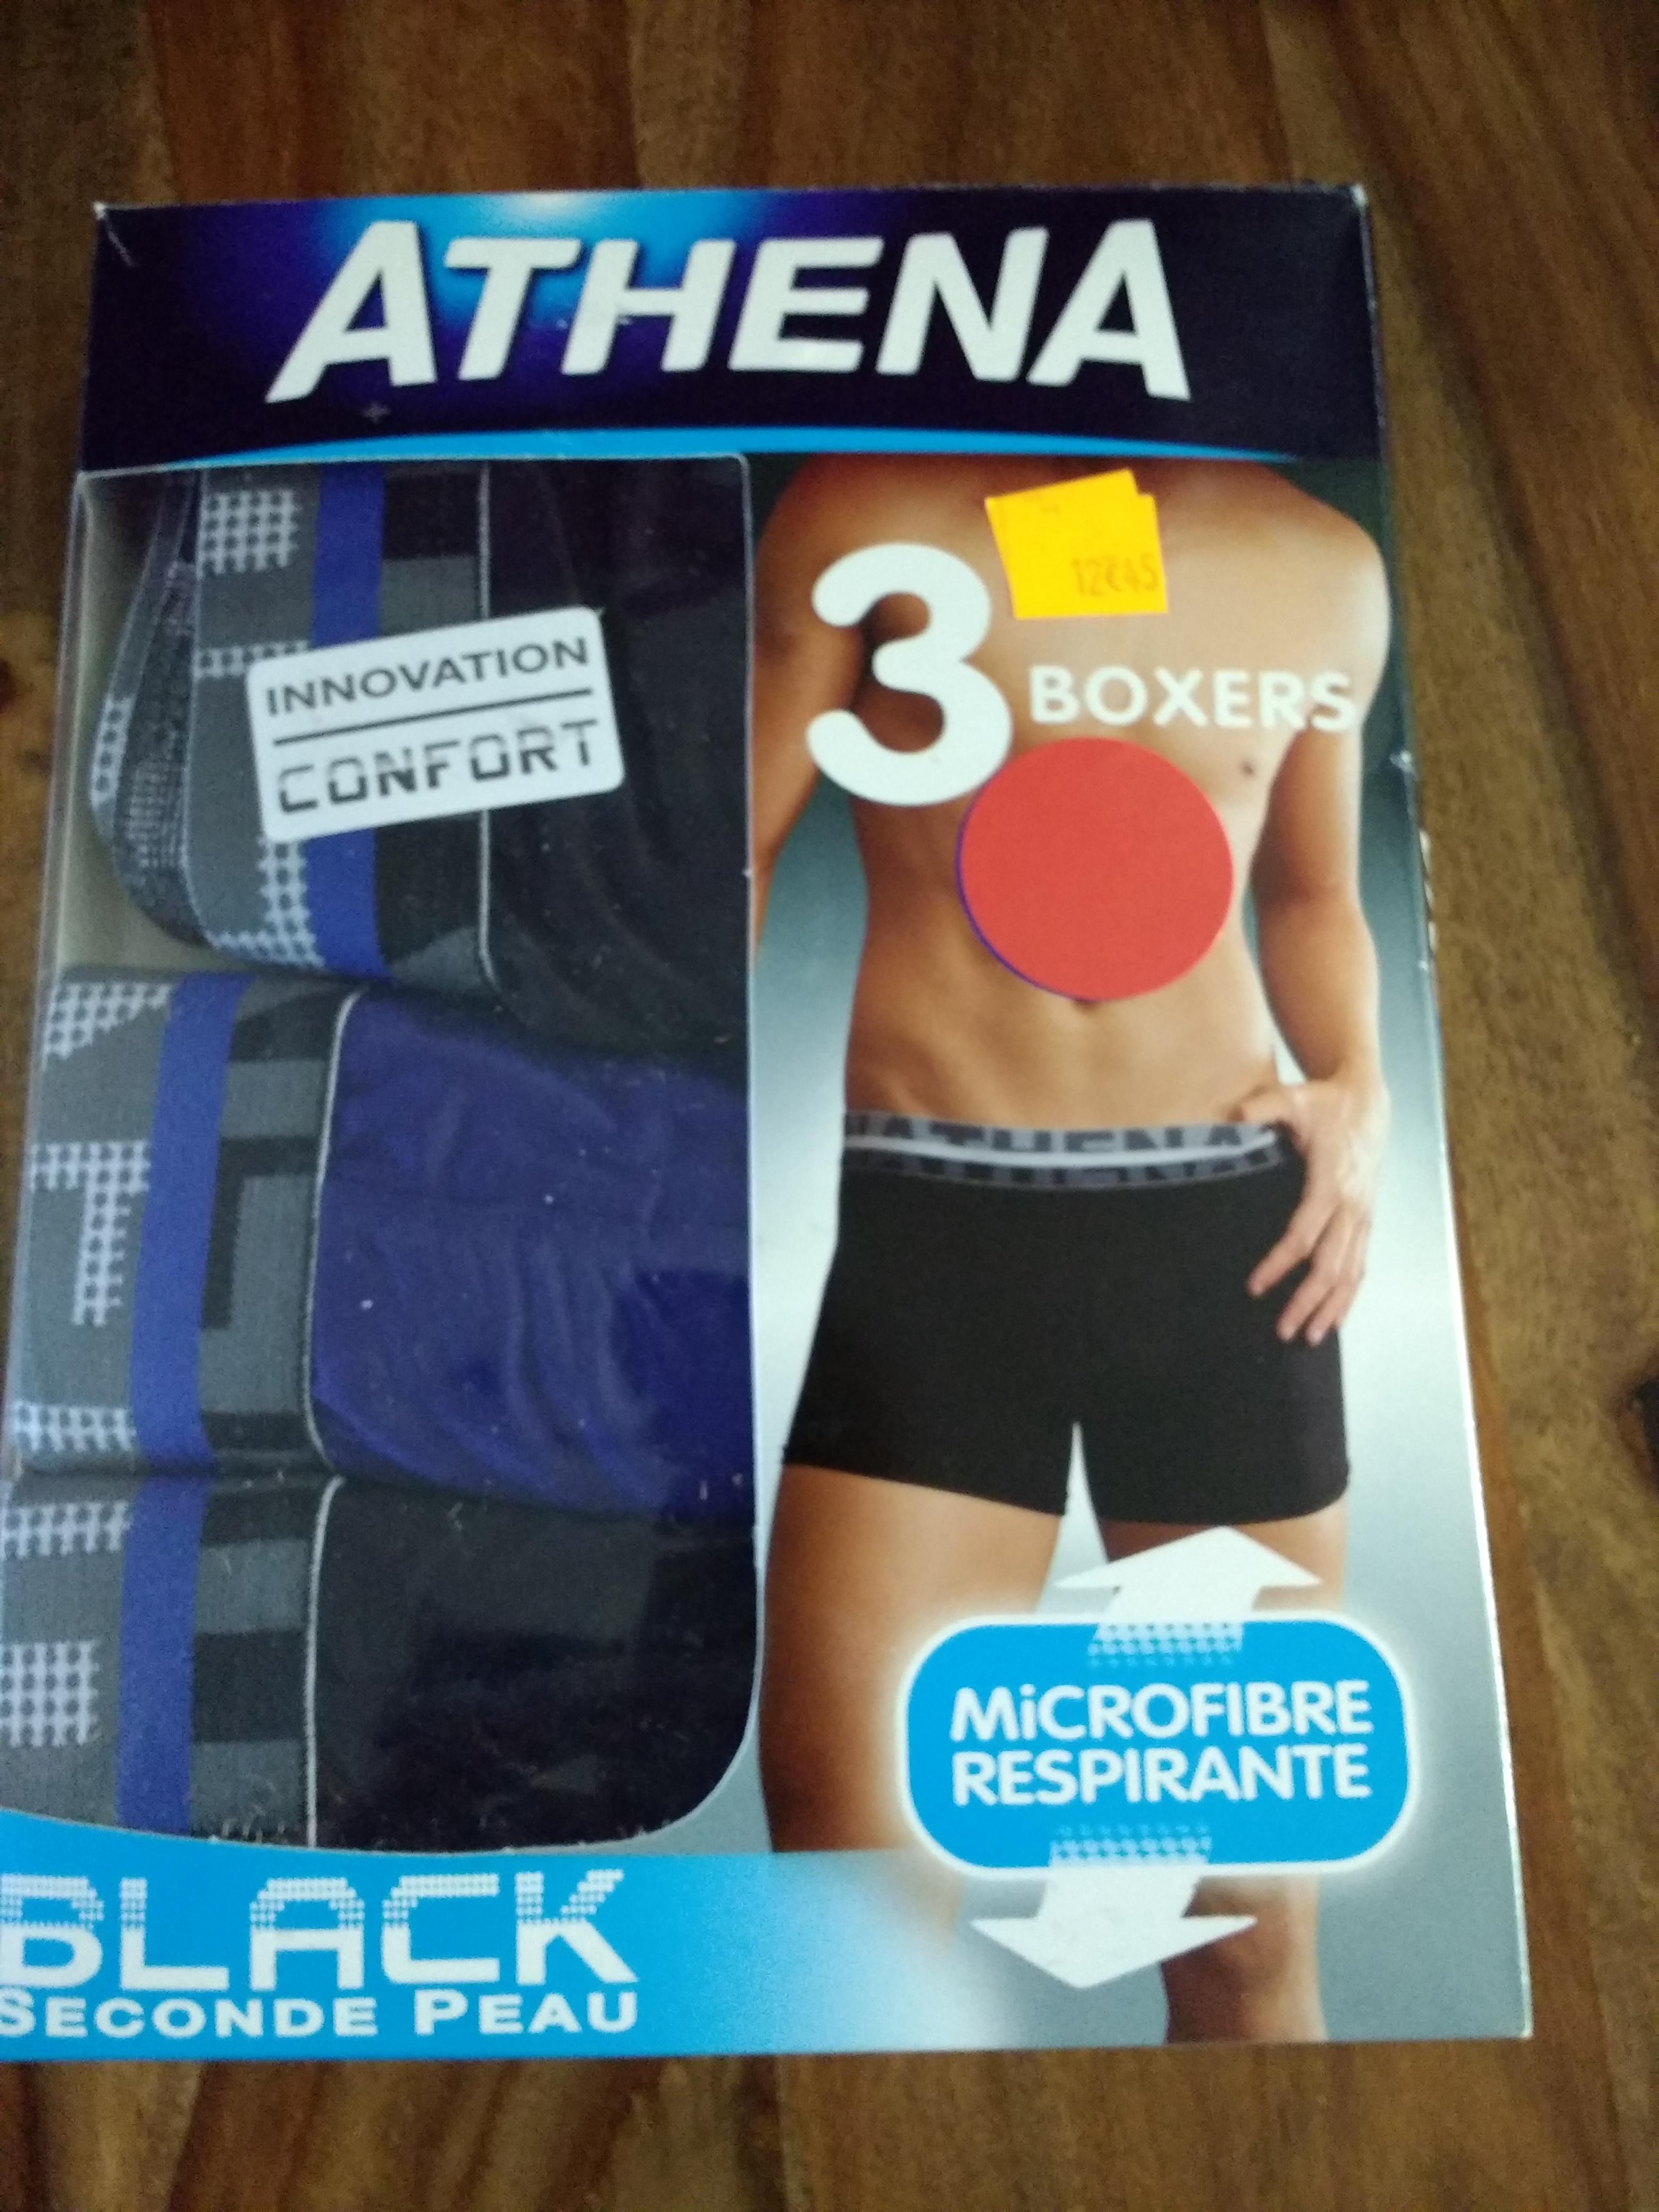 Lot de 3 Boxers microfibre Athena - Issoire (63)